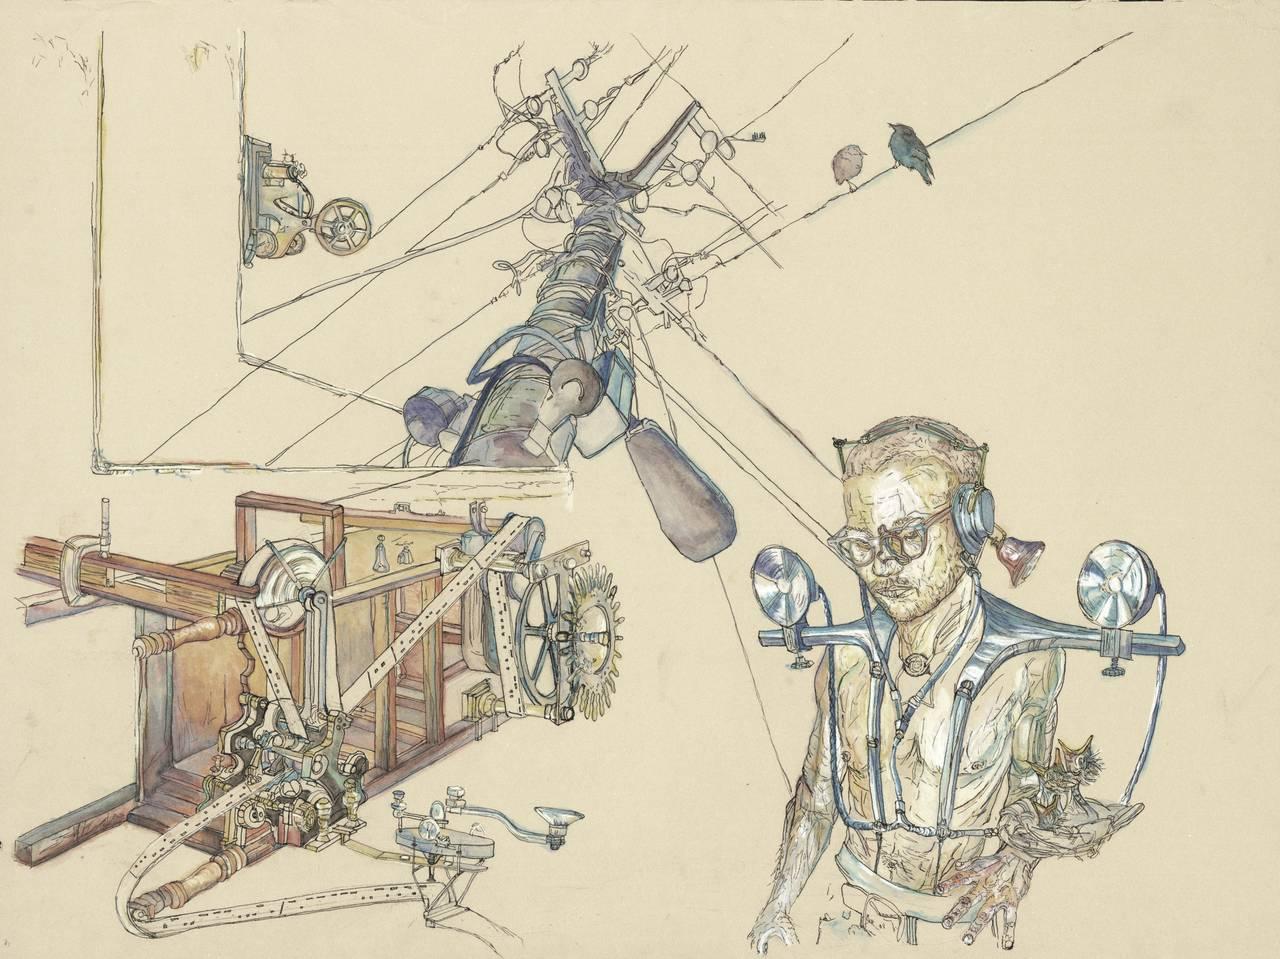 Krzysztof Pastuszka Figurative Art - Morsecode